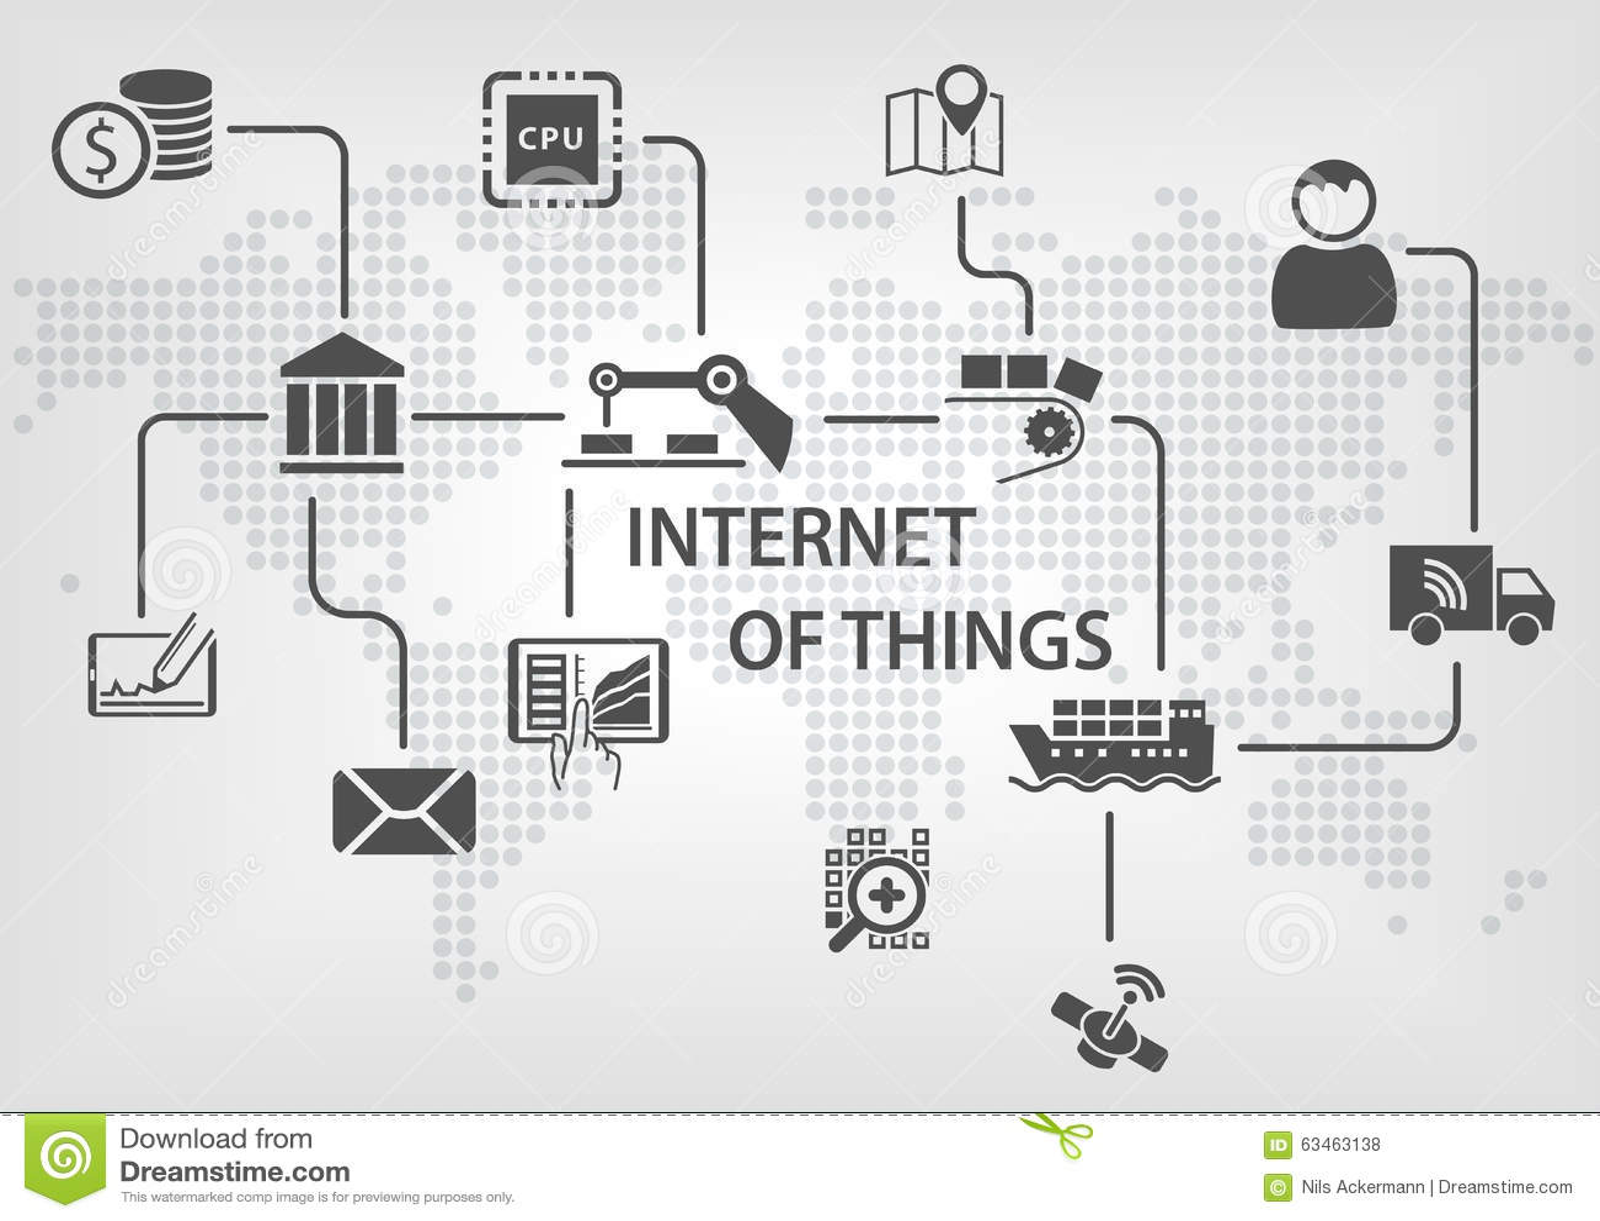 Интернет концепции вещей (IOT) с индустриализированным и беспроволочным производственным процессом